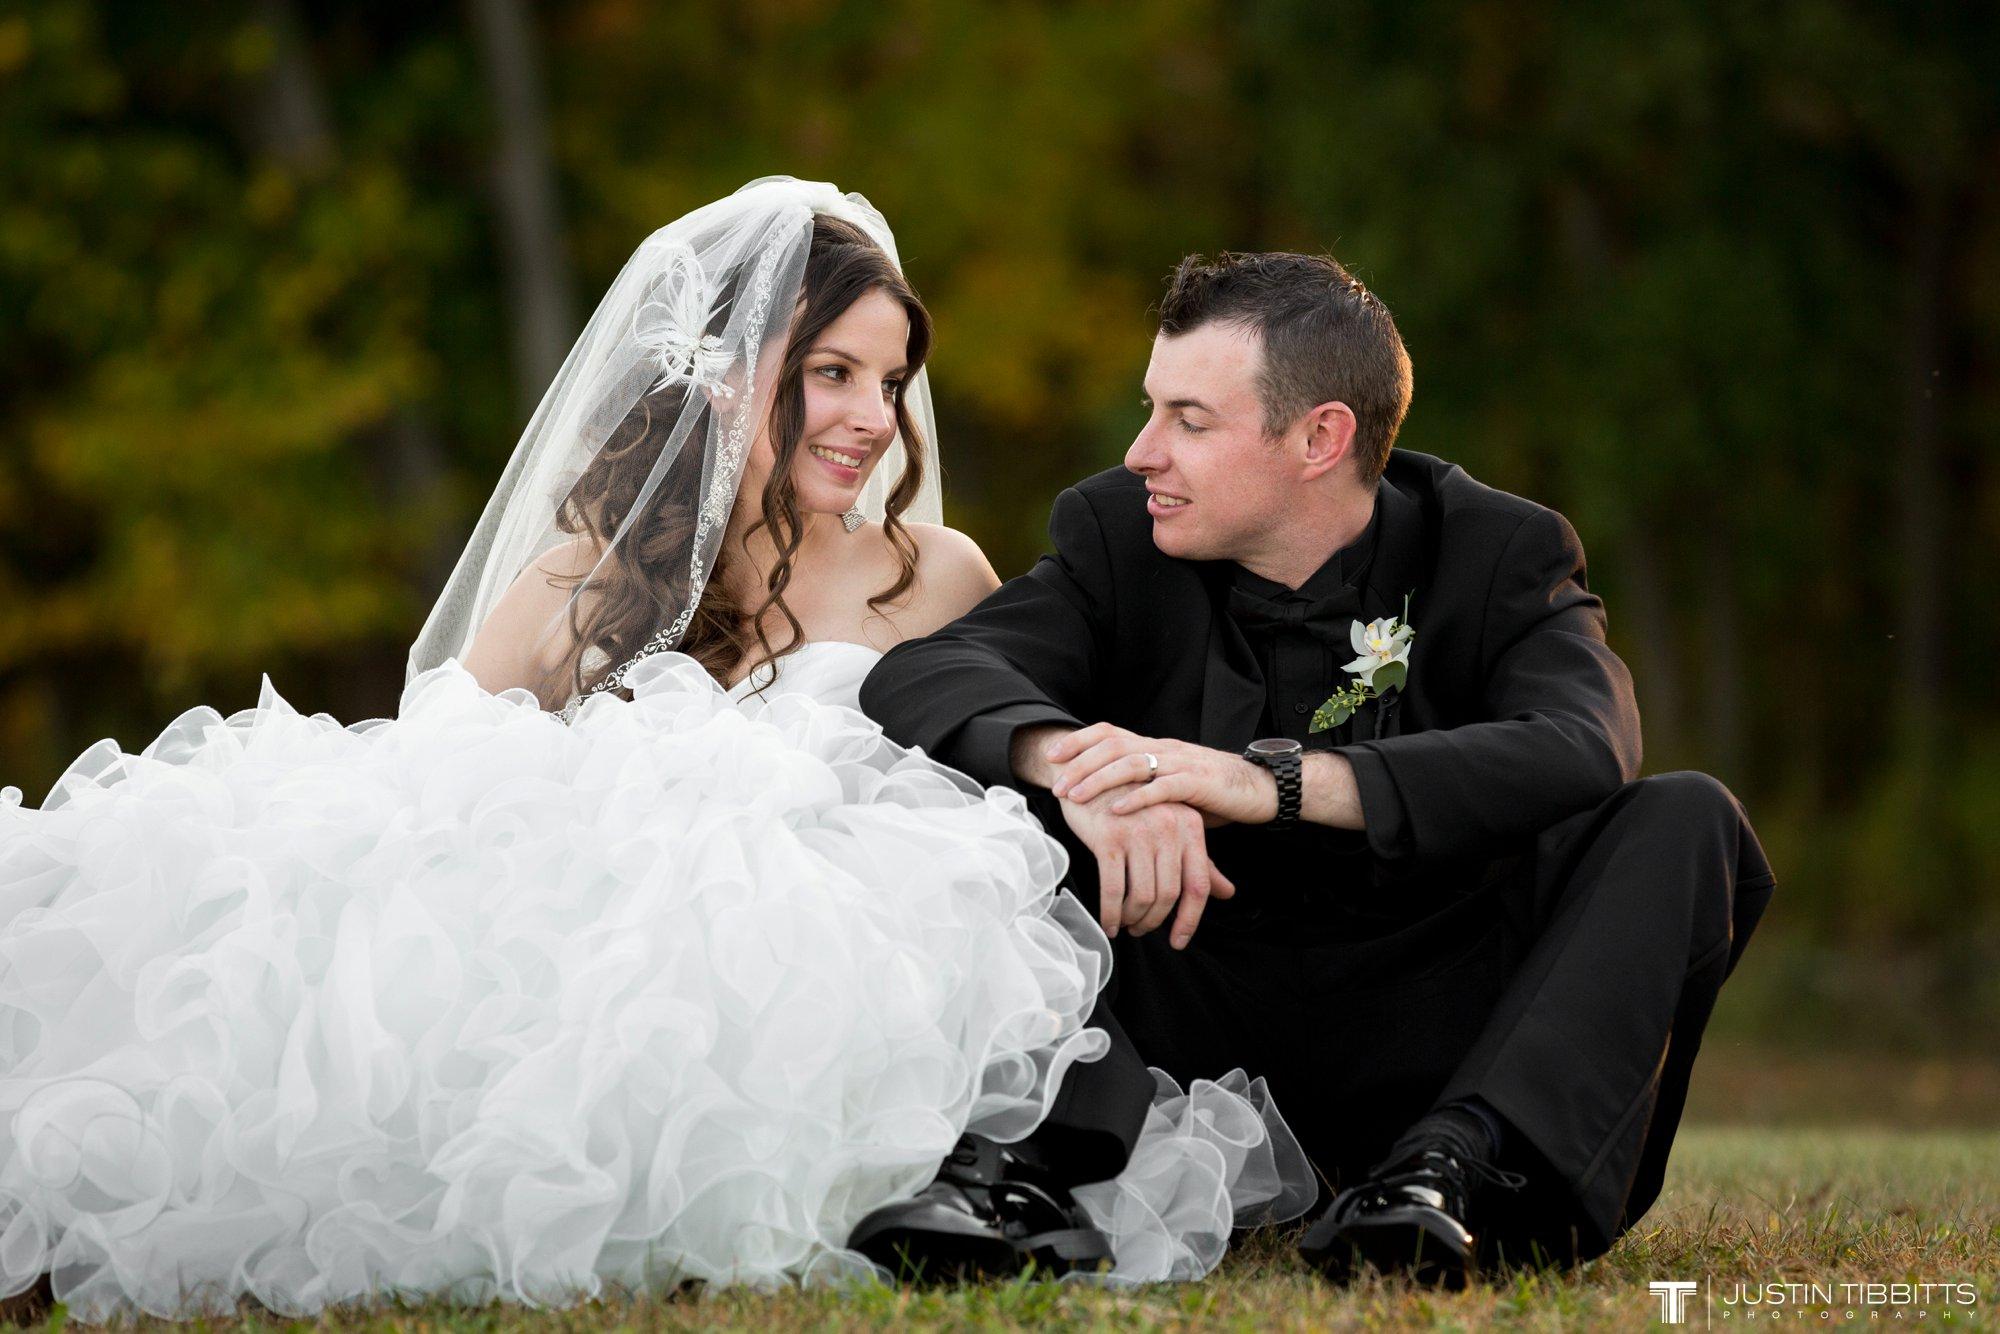 Albany NY Wedding Photographer Justin Tibbitts Photography 2014 Best of Albany NY Weddings-1916138